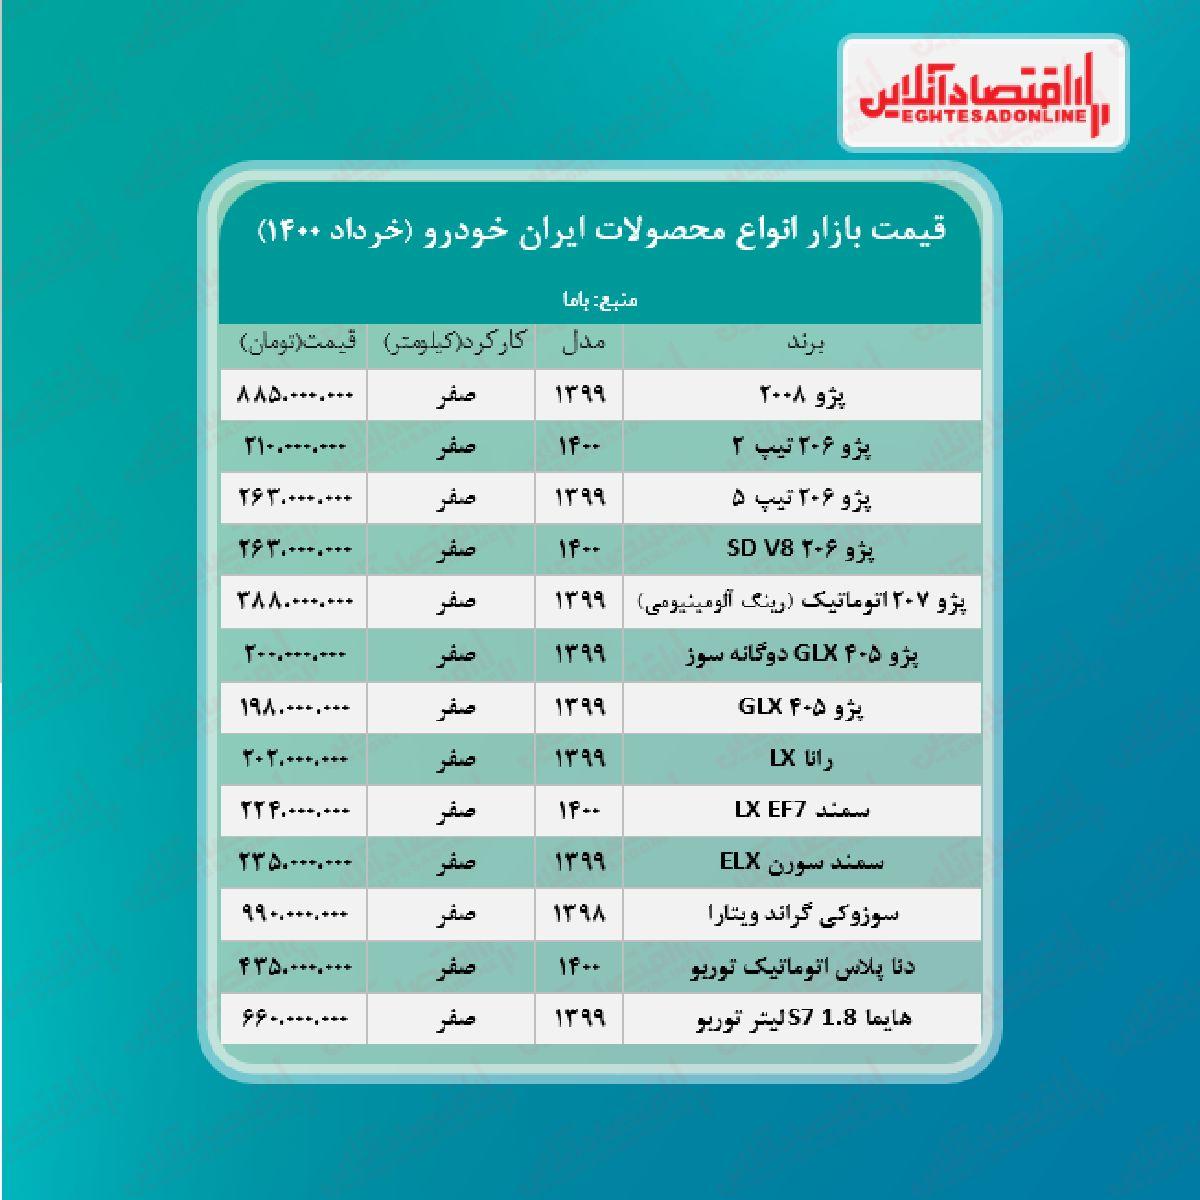 قیمت محصولات ایران خودرو امروز ۱۴۰۰/۳/۲۳